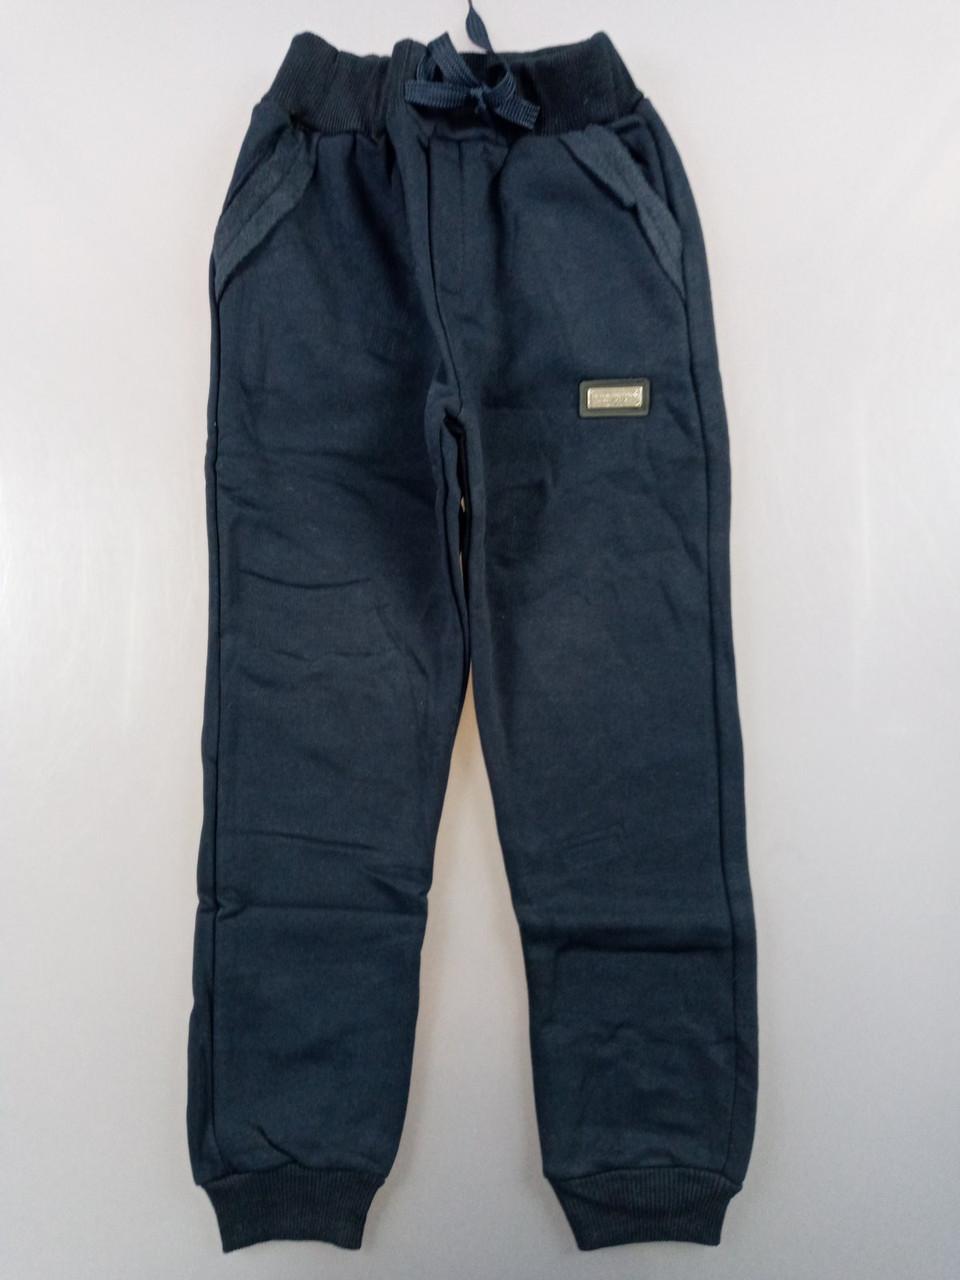 {есть:11 лет,12 лет} Спортивные брюки с начесом для мальчиков, Артикул: T2578-т.синий [12 лет]